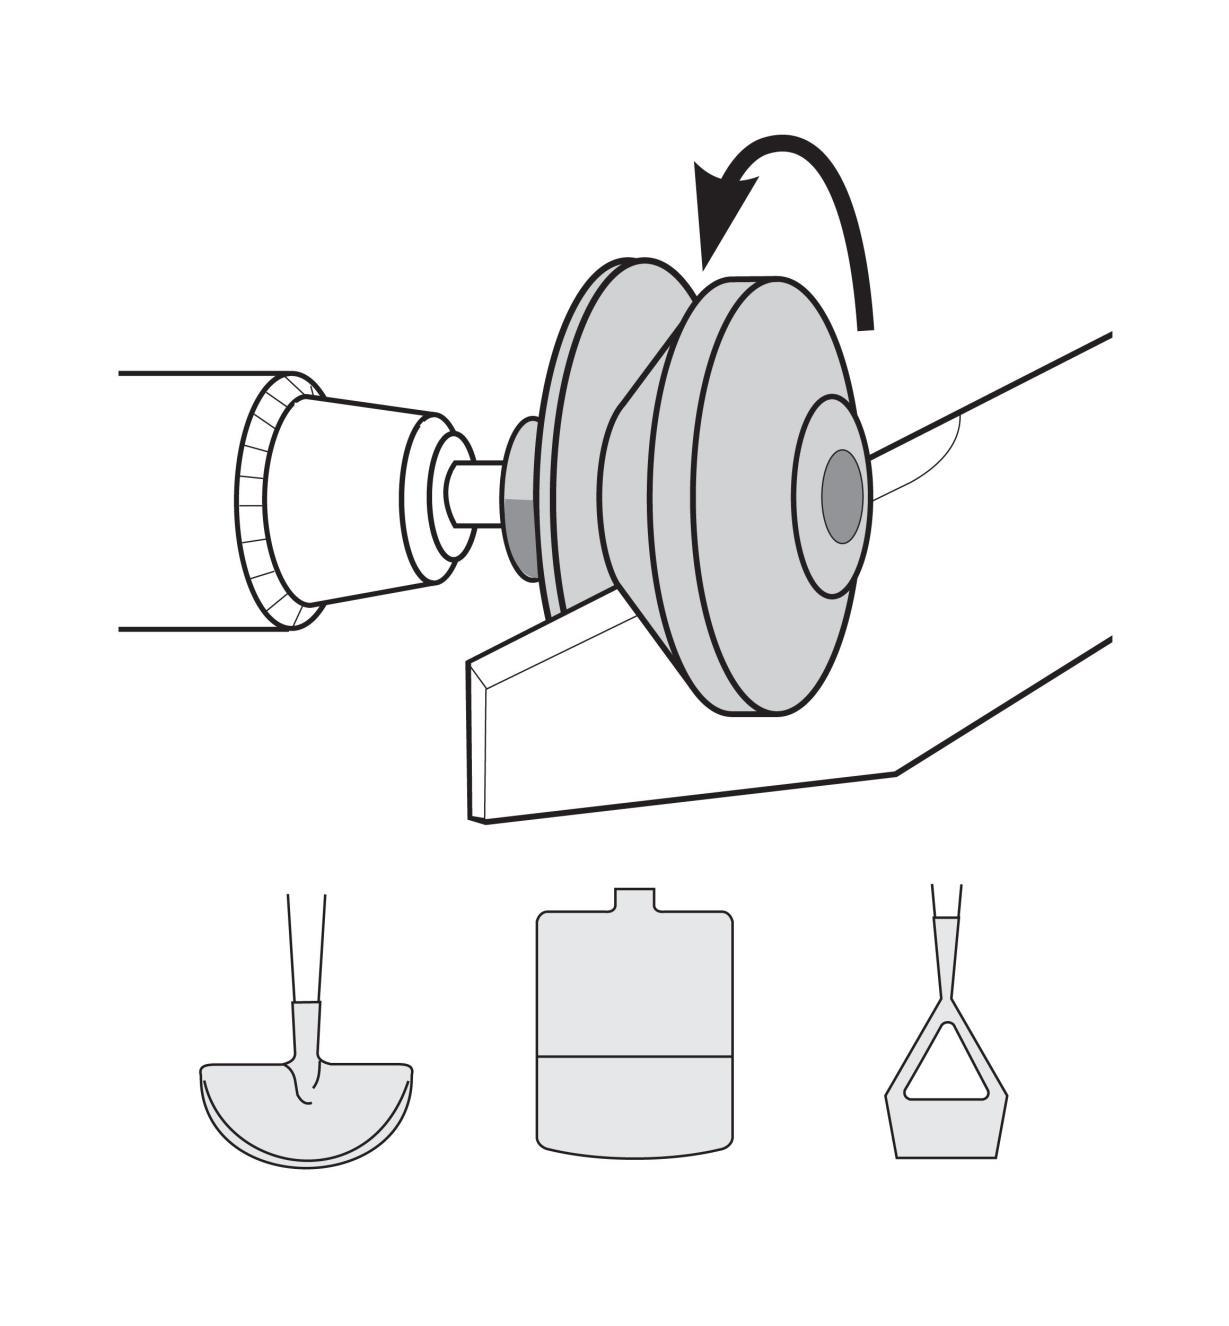 Illustration montrant une lame de tondeuse aiguisée avec l'aiguisoir rotatif pour lames de tondeuse fixé à une perceuse